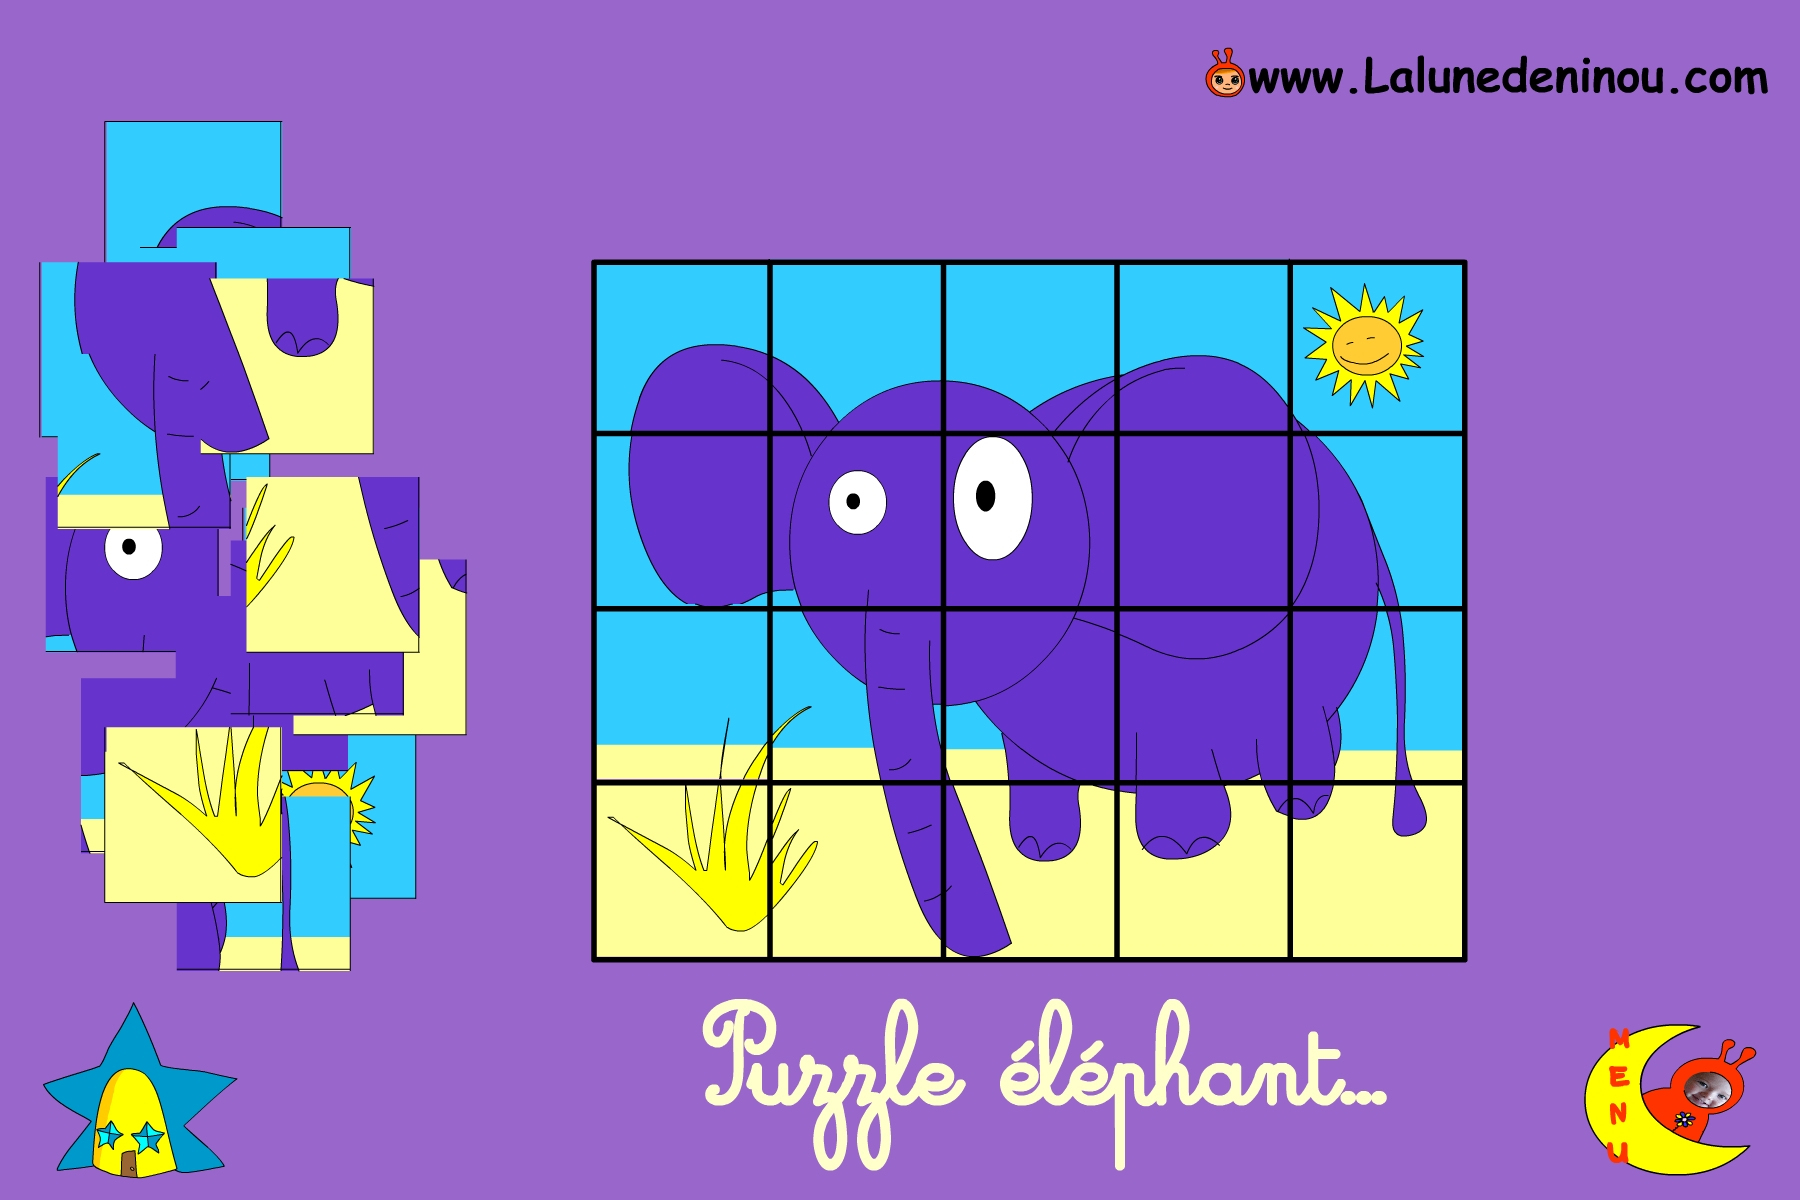 Puzzle En Ligne Pour Enfant De Maternelle - Lalunedeninou intérieur Jeux De Fille 4 Ans Gratuit